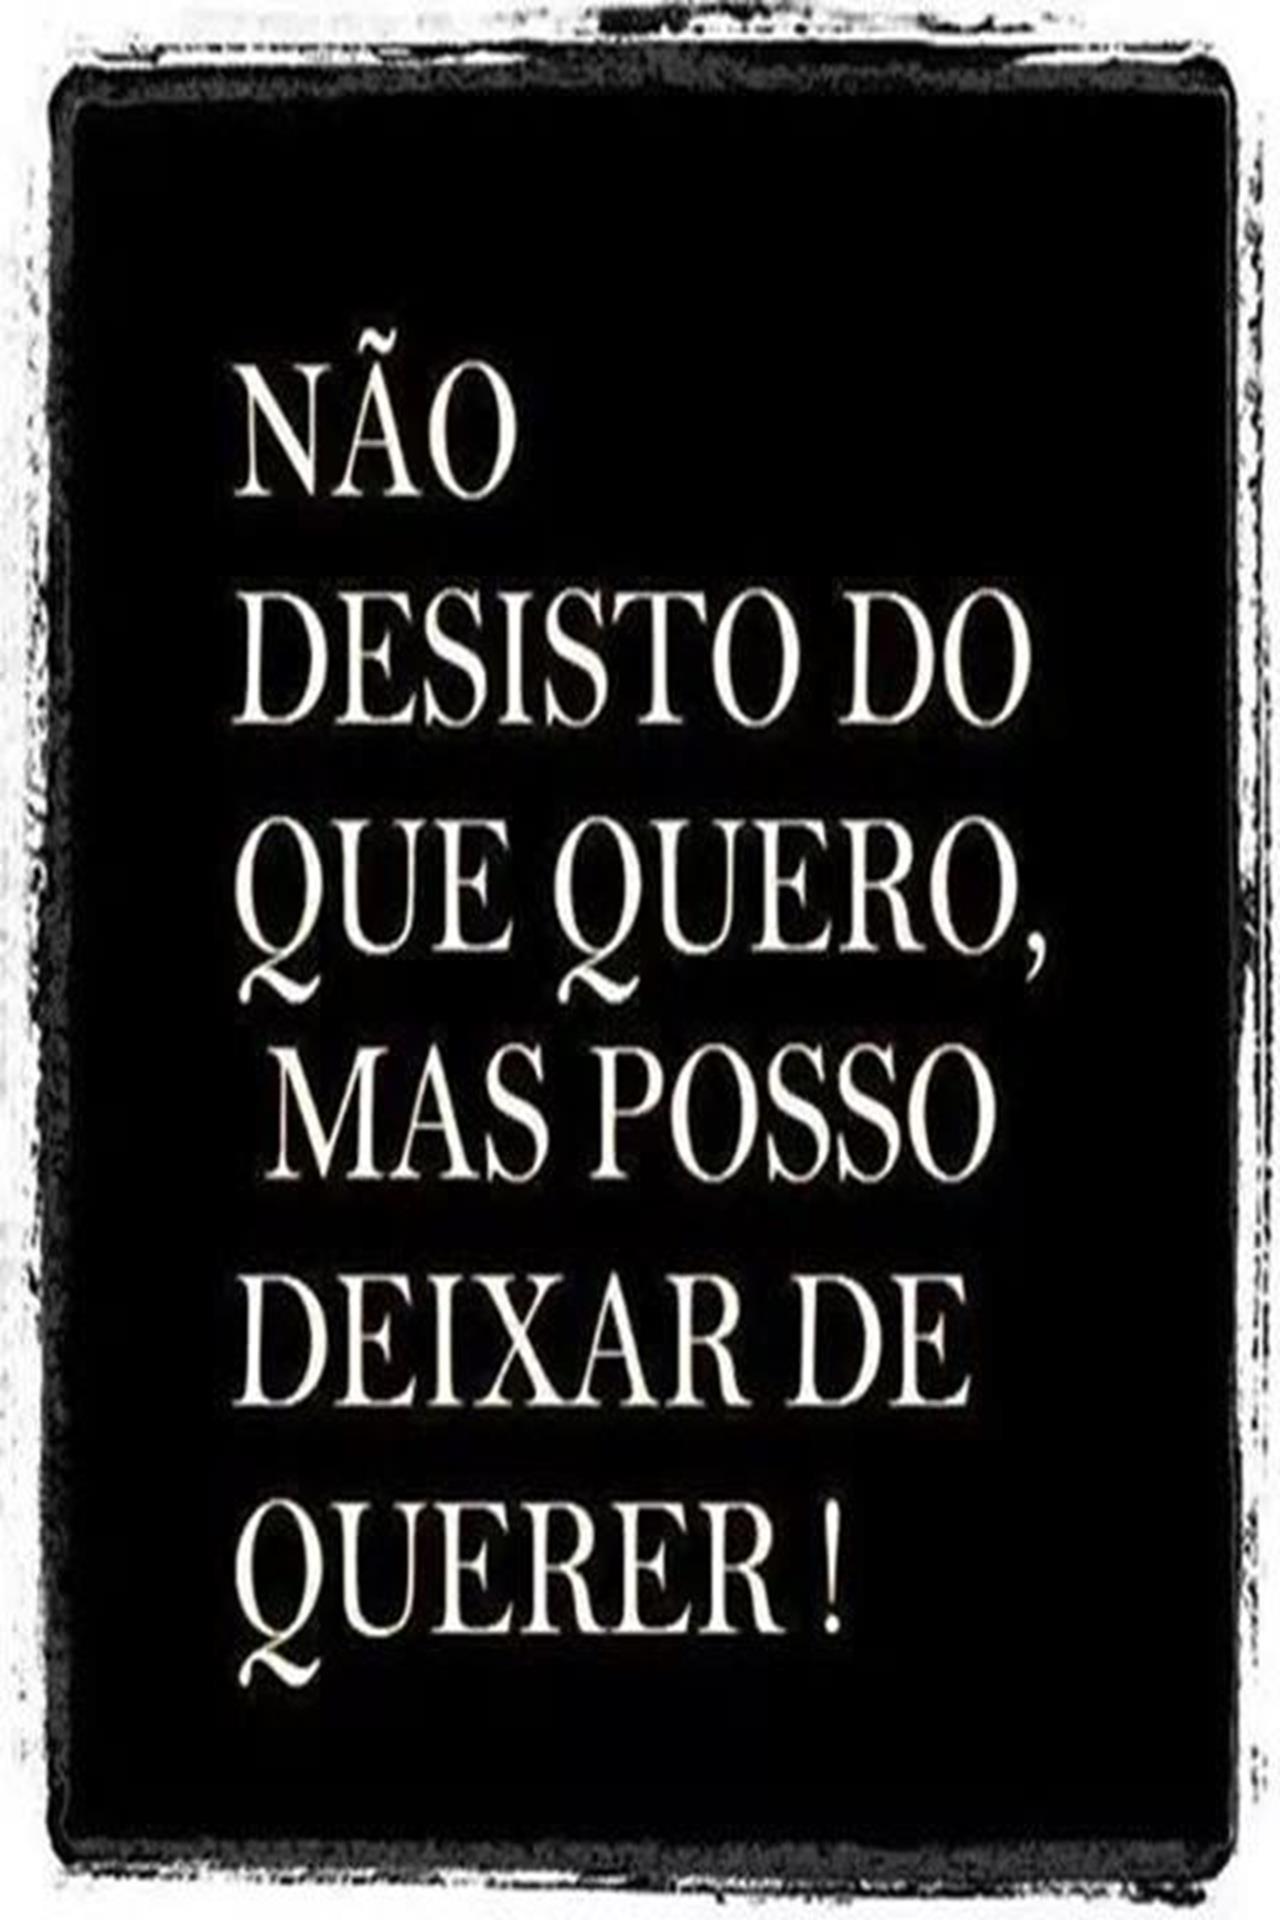 Frases Perfeitas Em Português For Android Apk Download